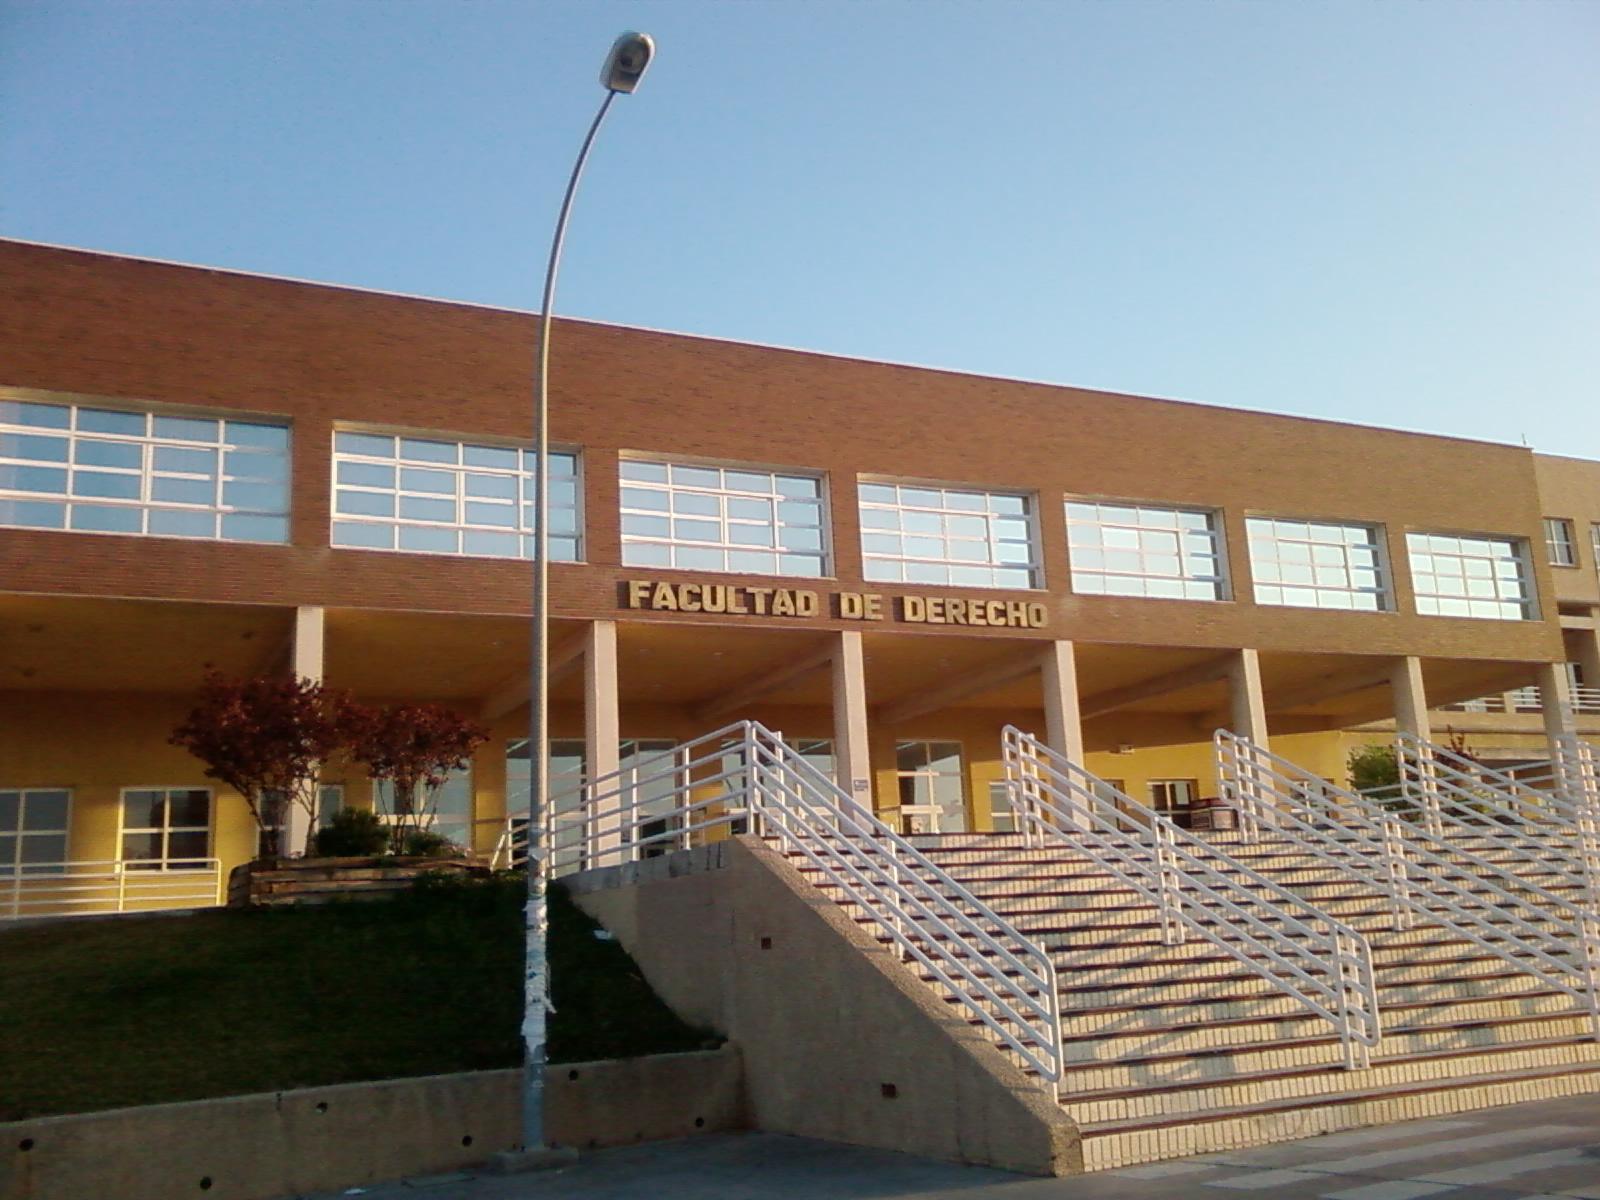 University of Malaga – Đại học năng động mới nổi tại Tây Ban Nha